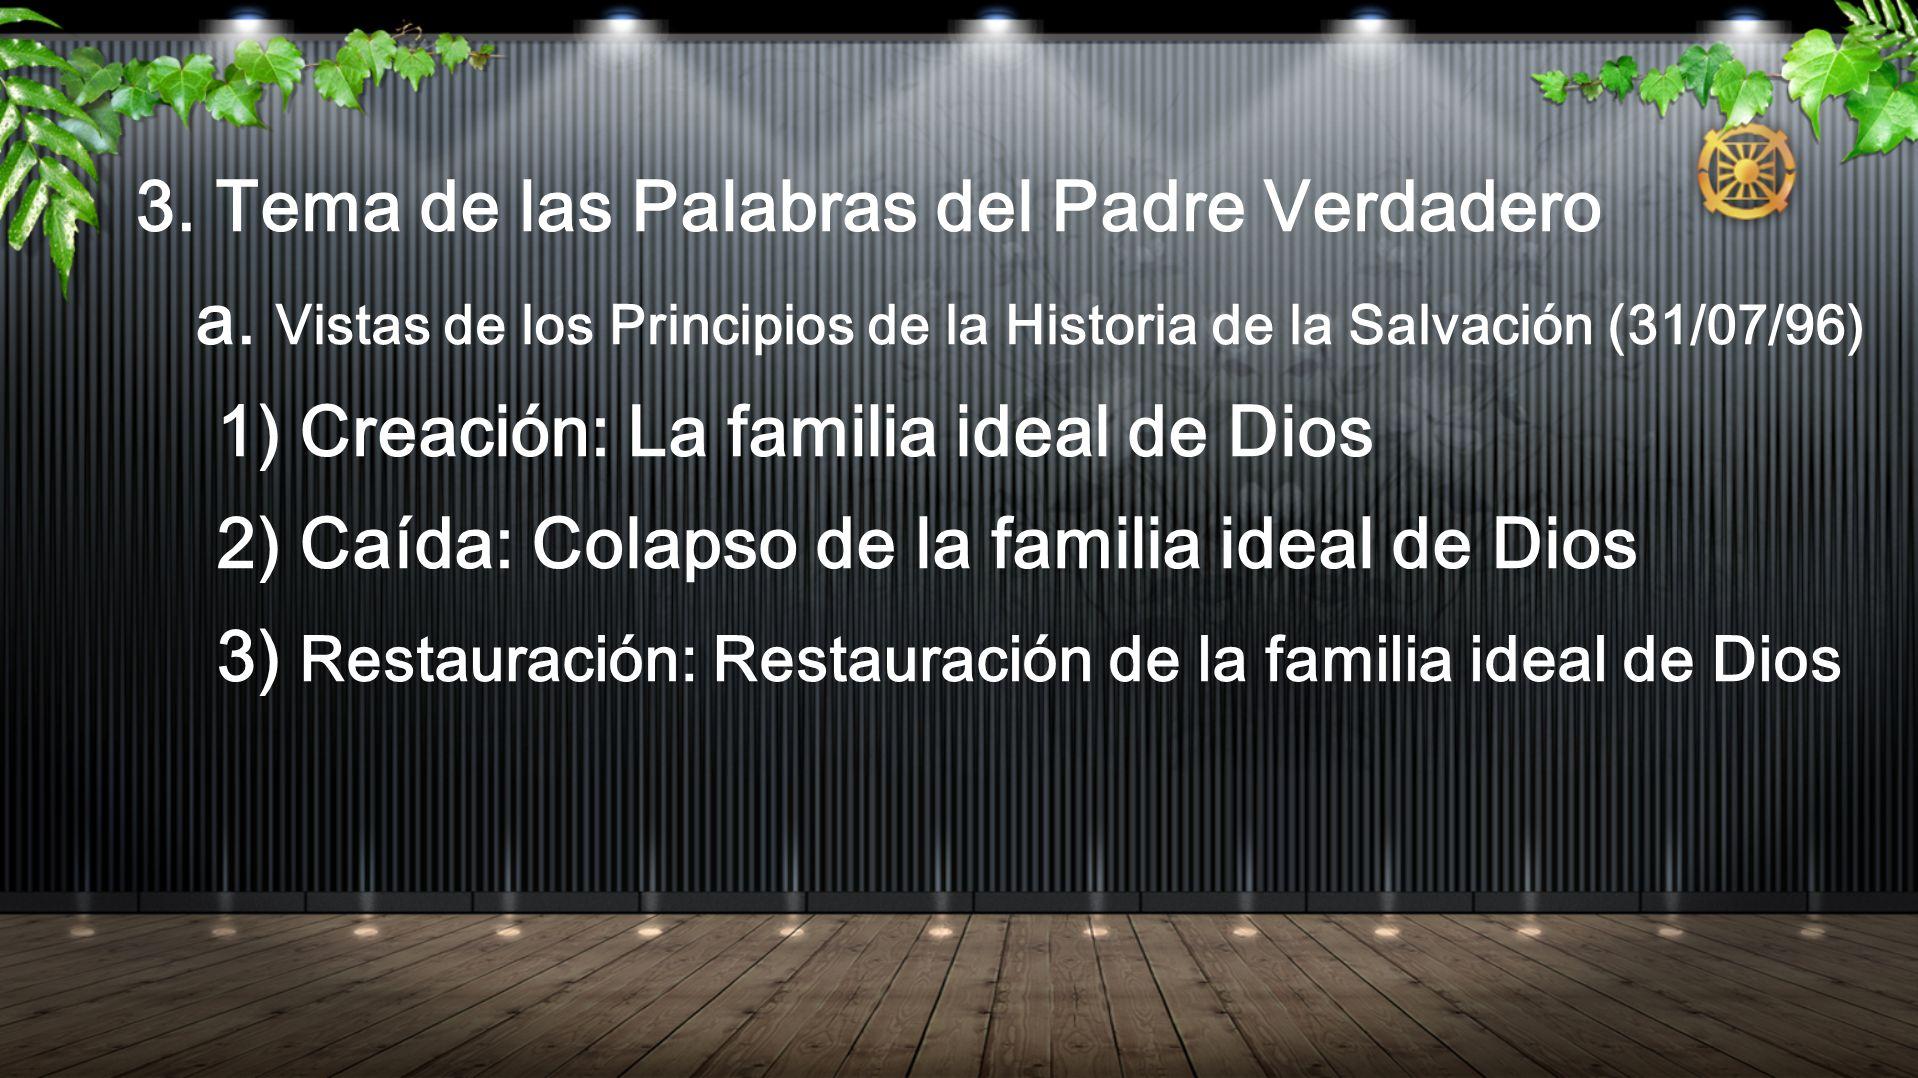 3. Tema de las Palabras del Padre Verdadero